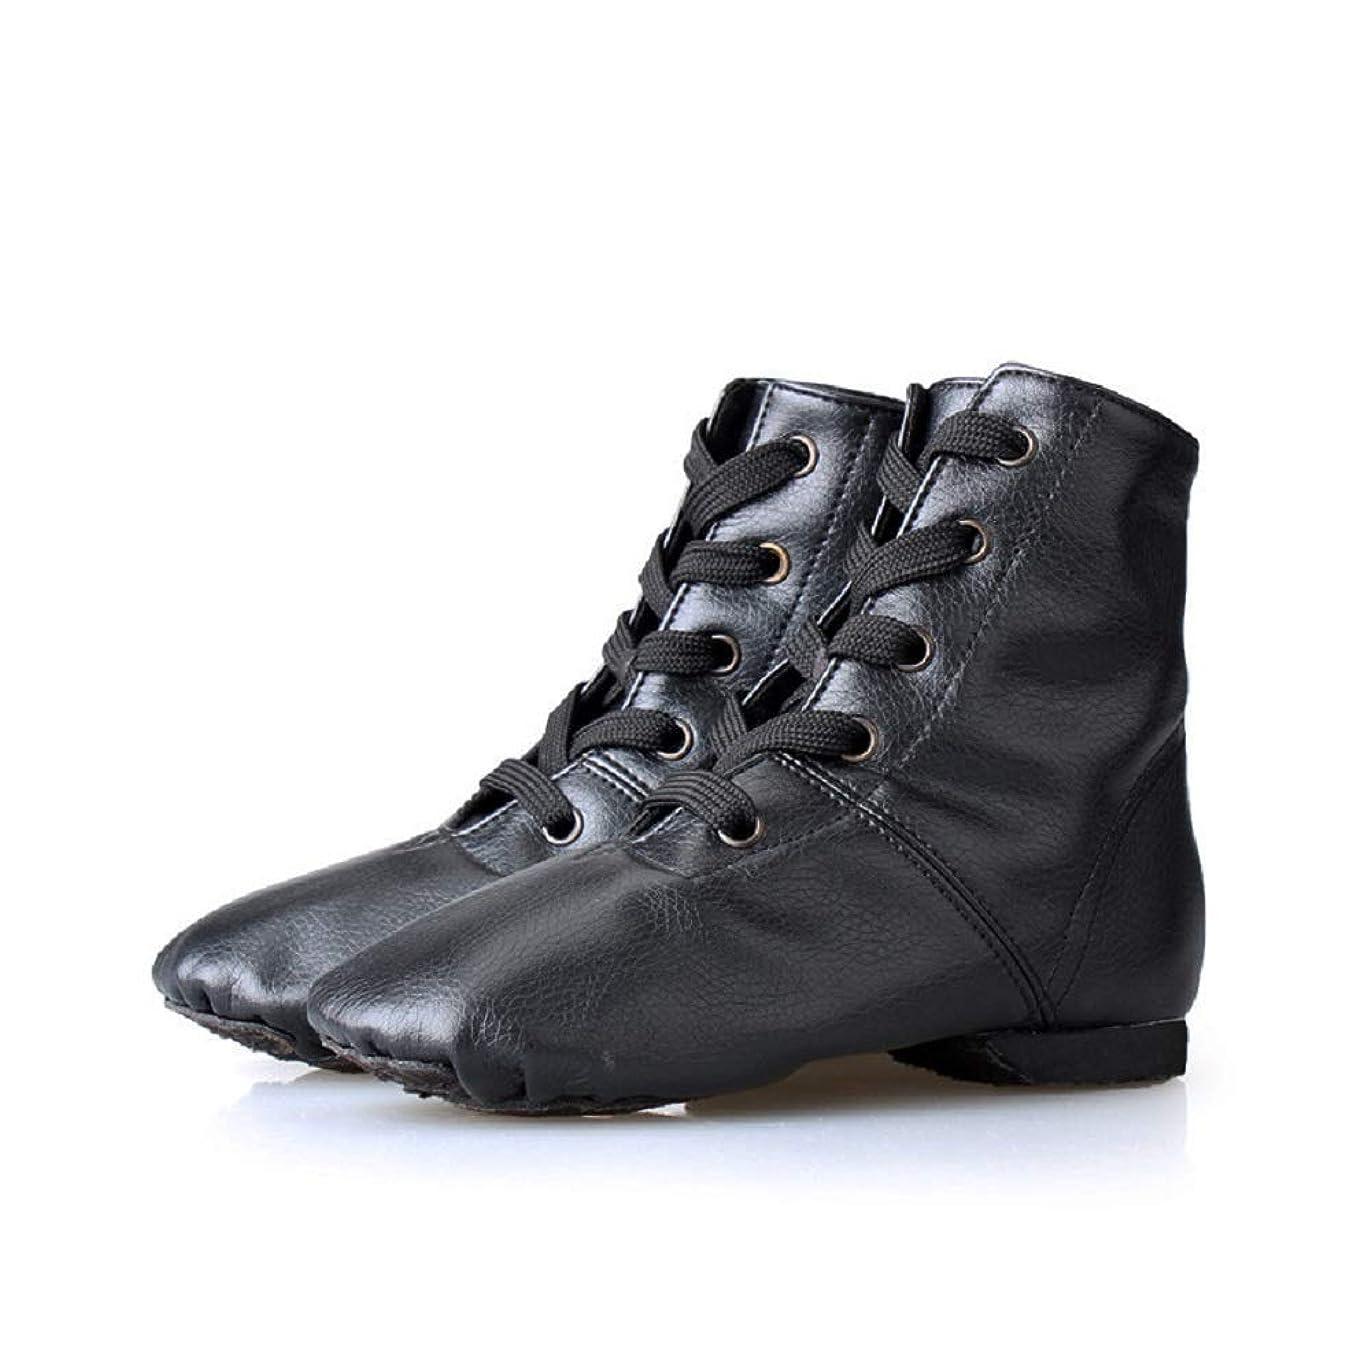 ステレオエミュレートする従者Man&Y レザーハイトップジャズブーツ、ダンスシューズプロフェッショナルソフトボトムモダンダンスシューズ耐摩耗性靴用女性女の子 (Color : Black-PU, Size : 42)